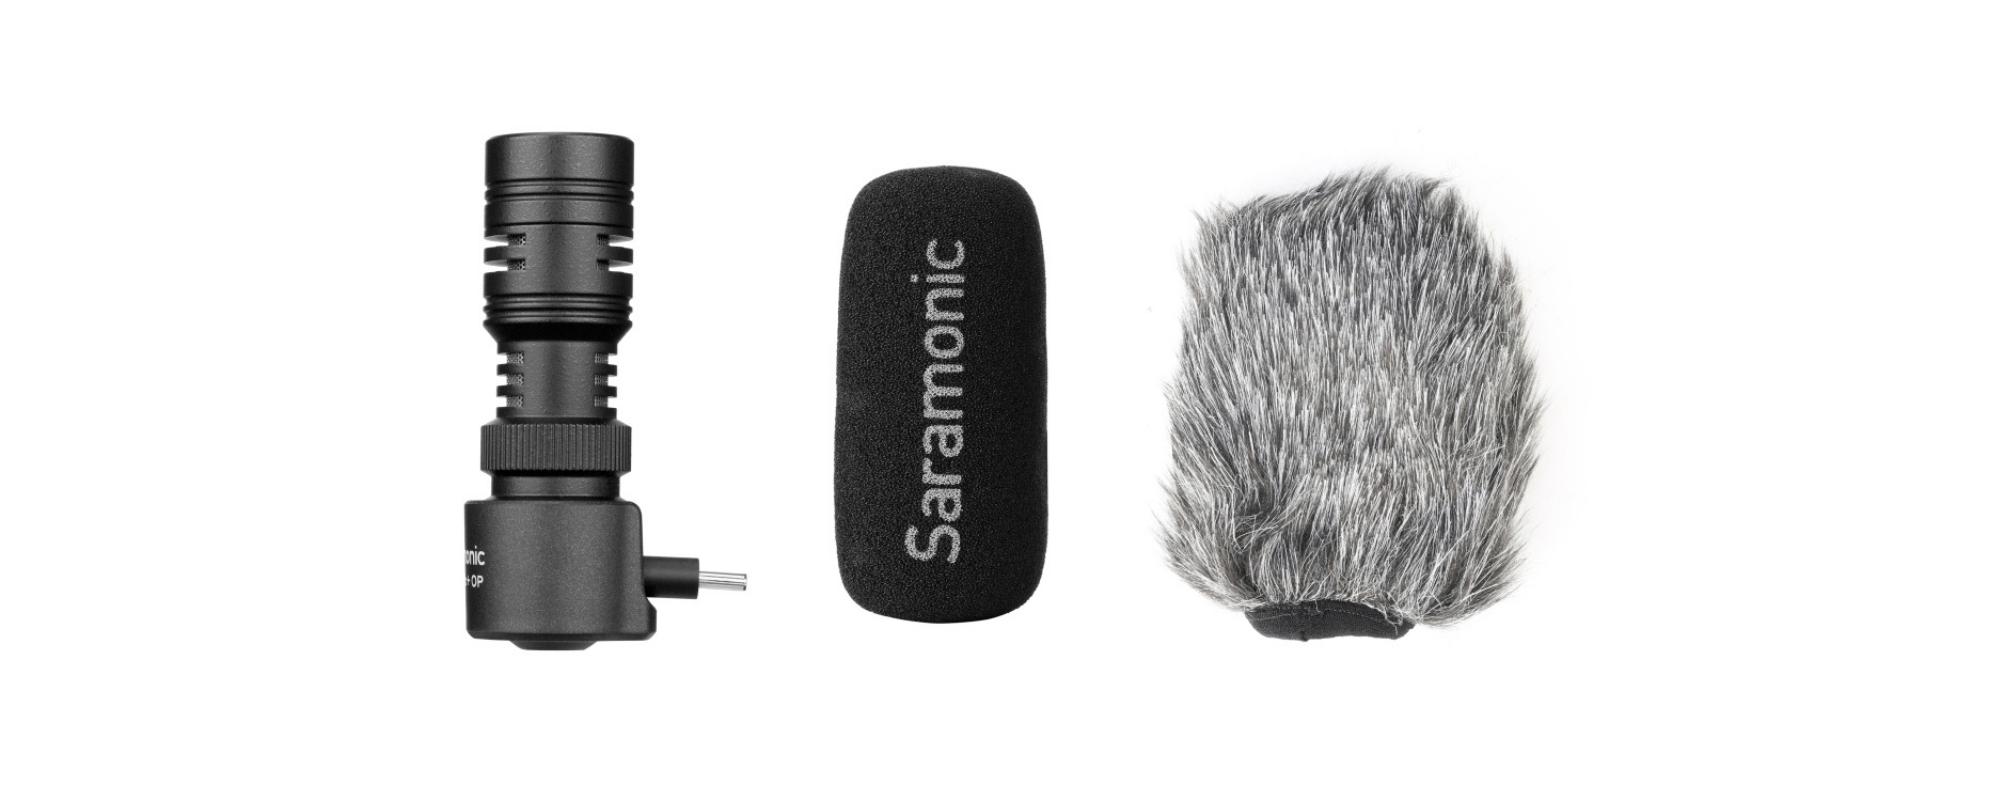 Mikrofon pojemnościowy do DJI Osmo Pocket